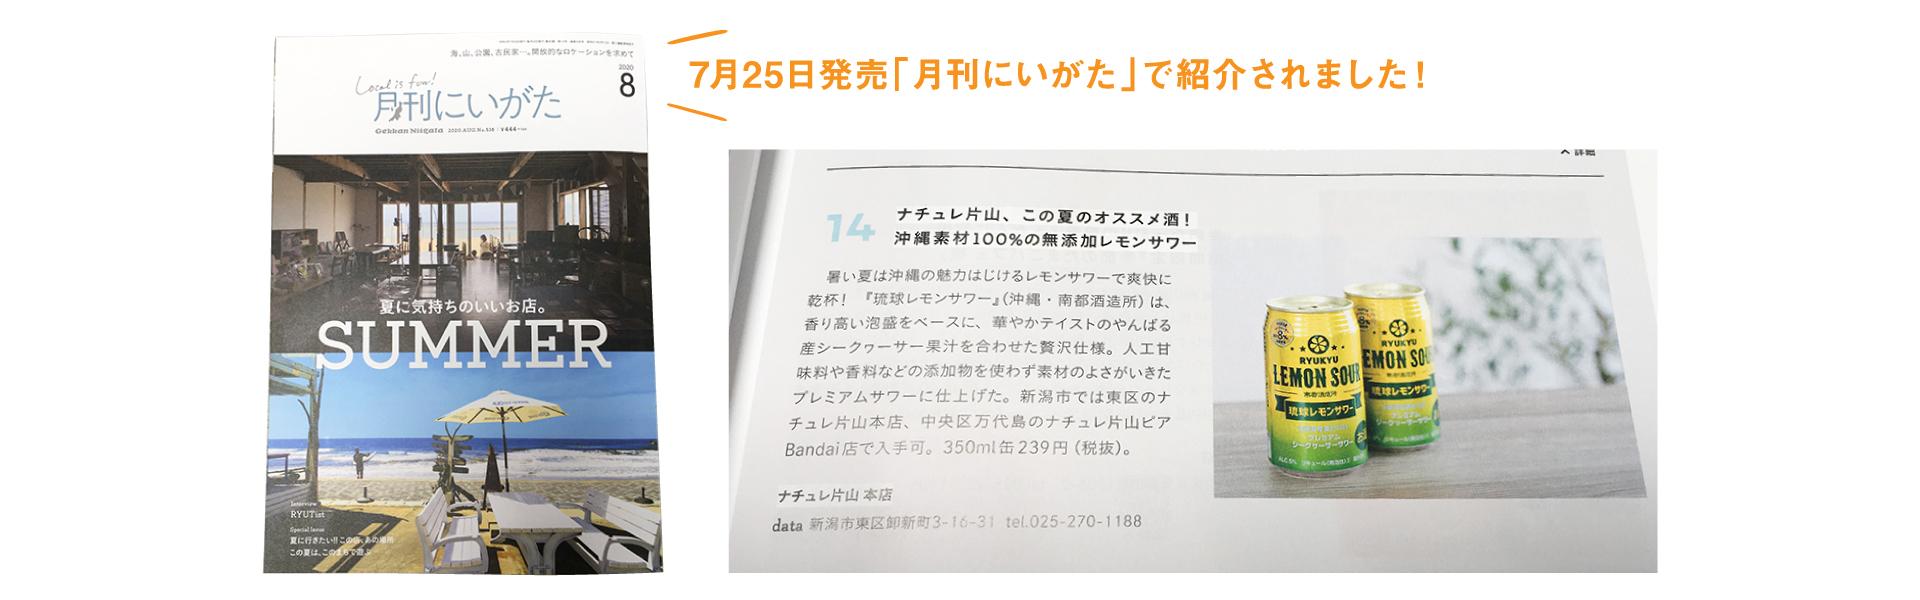 雑誌「月刊にいがた」で紹介された、「琉球レモンサワー」の魅力